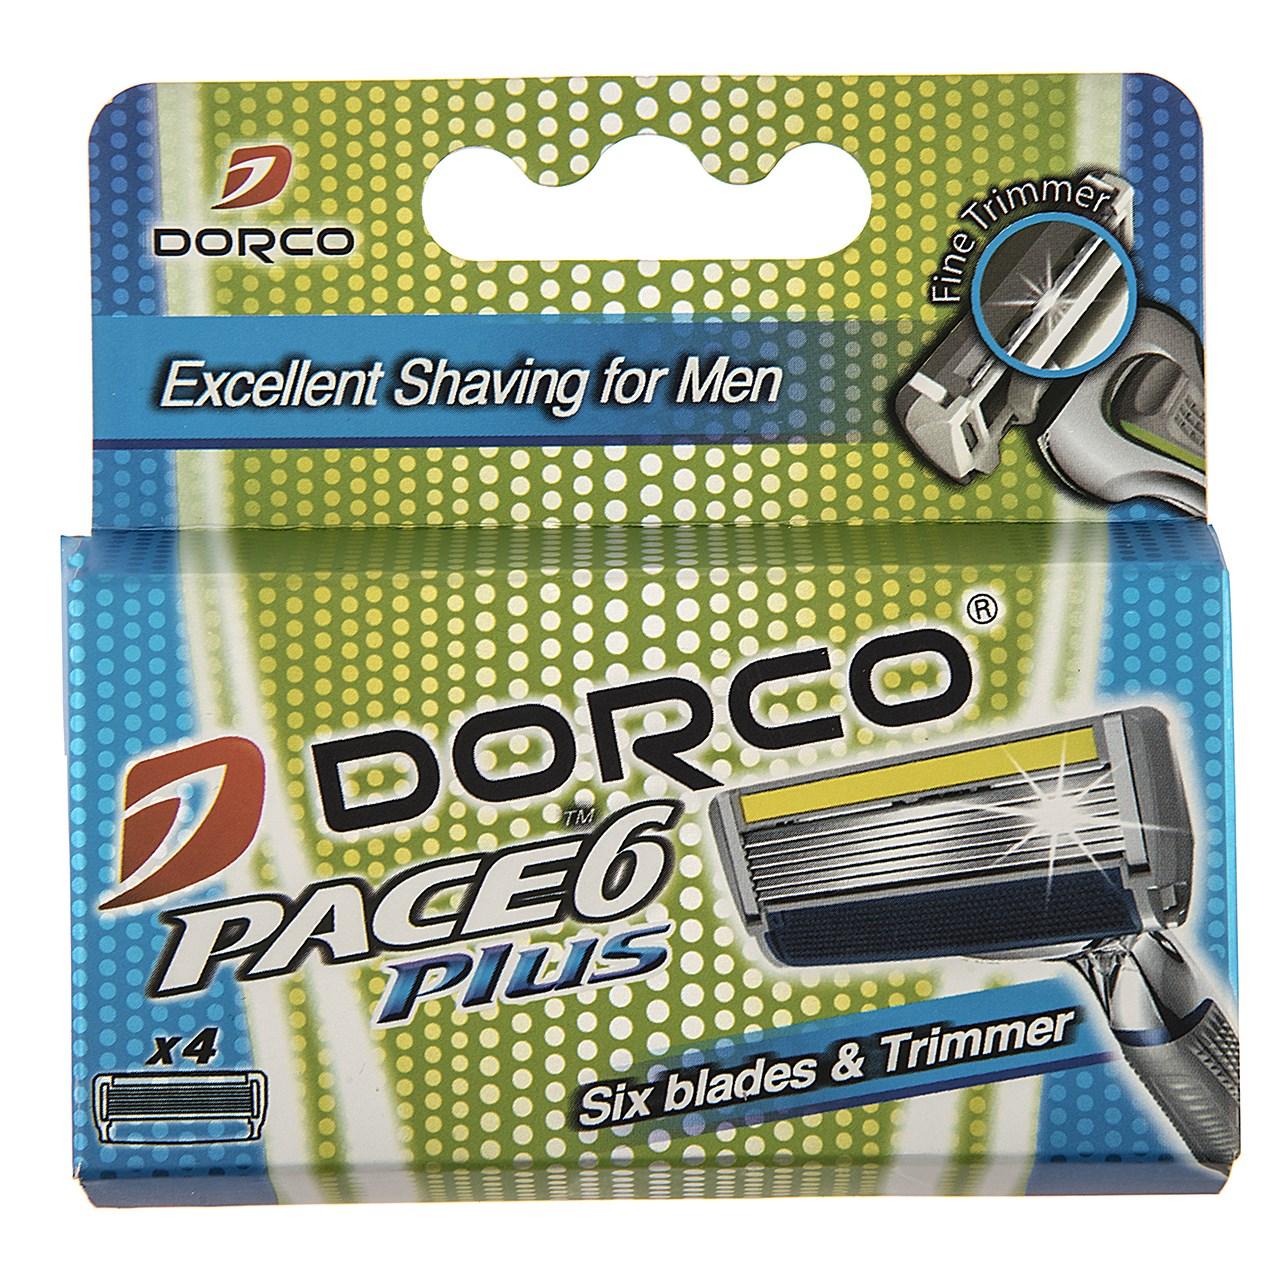 قیمت تیغ یدک 4 عددی دورکو مدل Pace 6